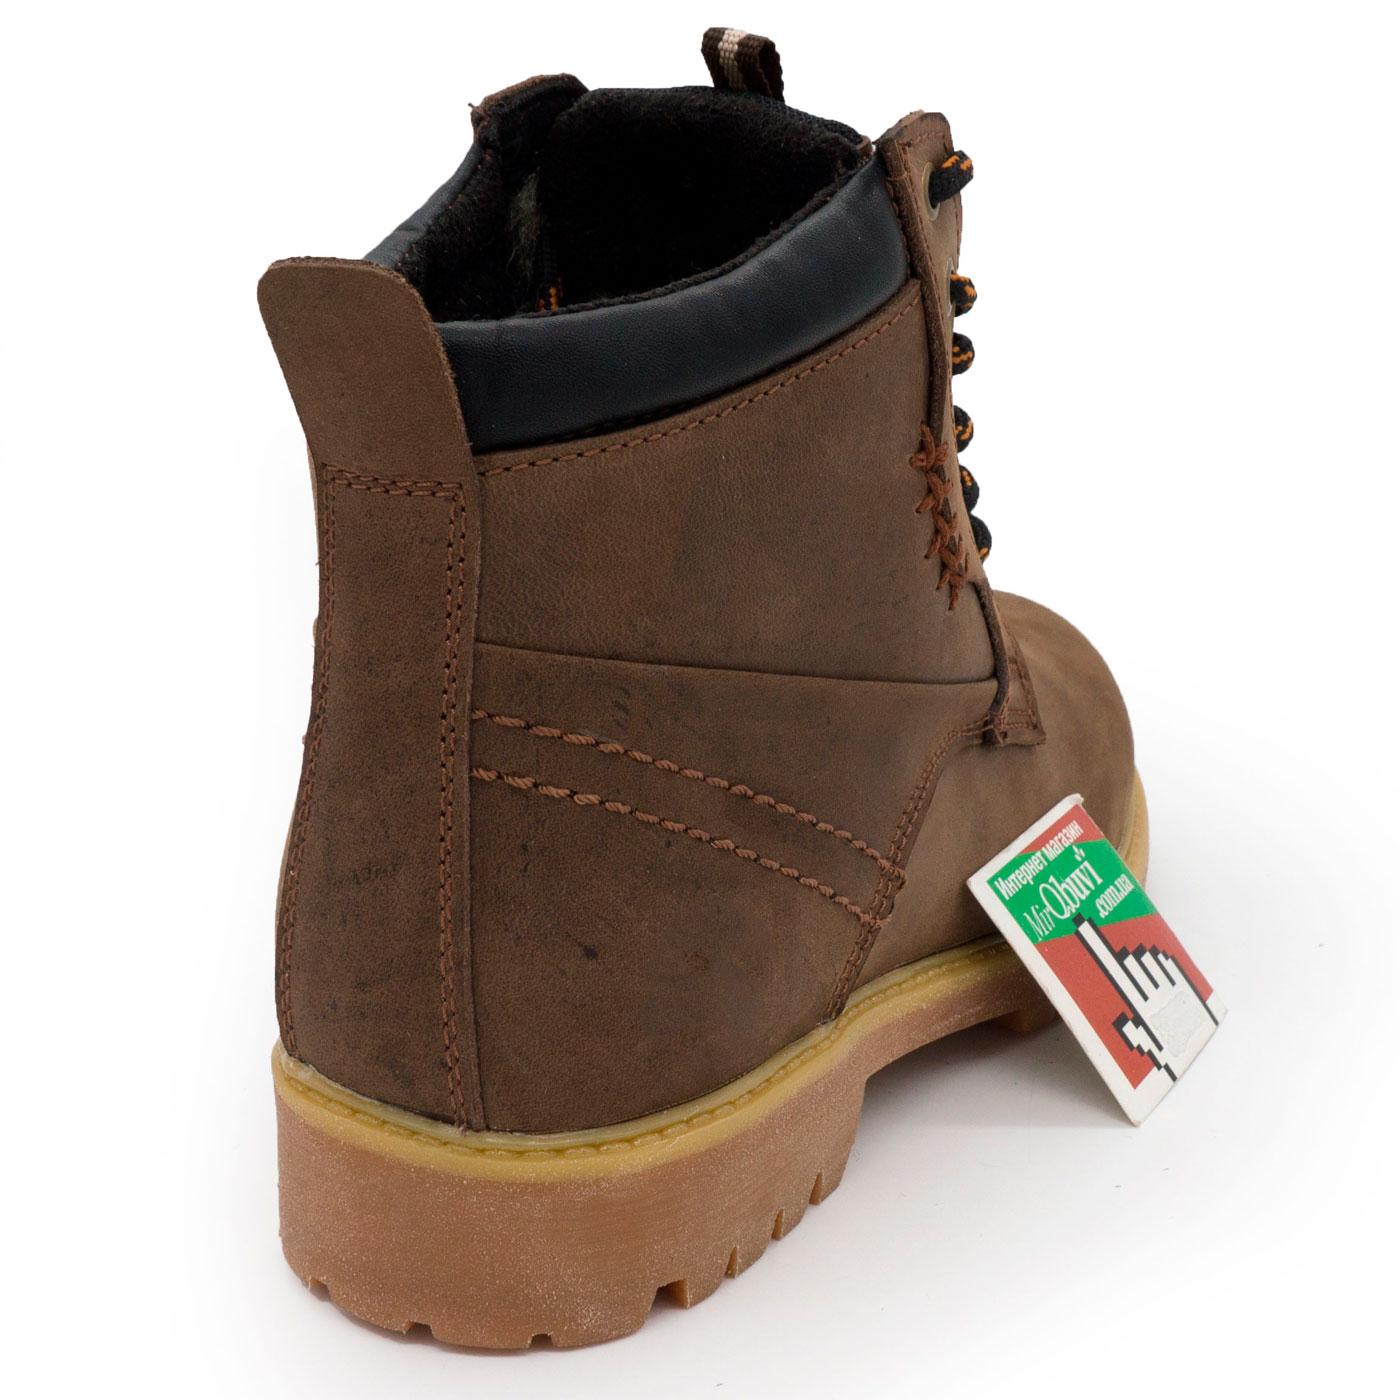 фото back Женские ботинки Реплика Timberland коричневые 101 (сделано в Украине) back